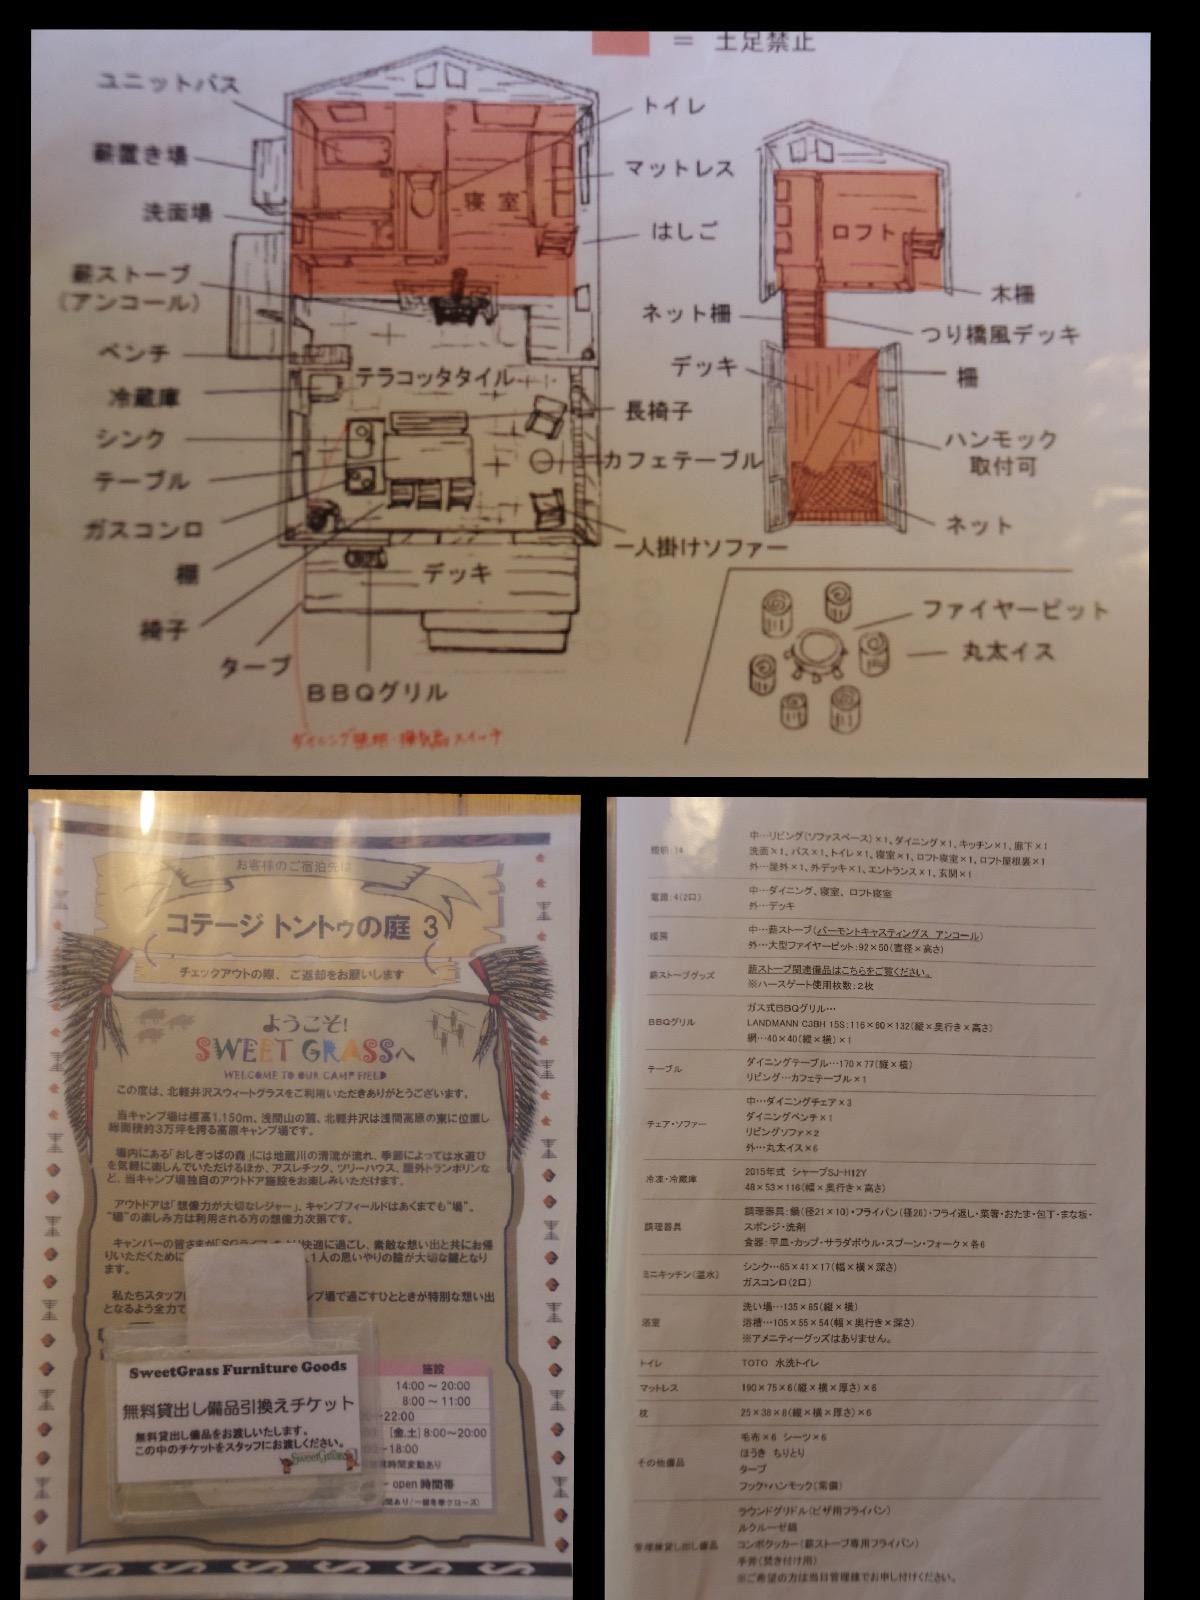 北軽井沢スウィートグラス トントゥの庭 室内レイアウト